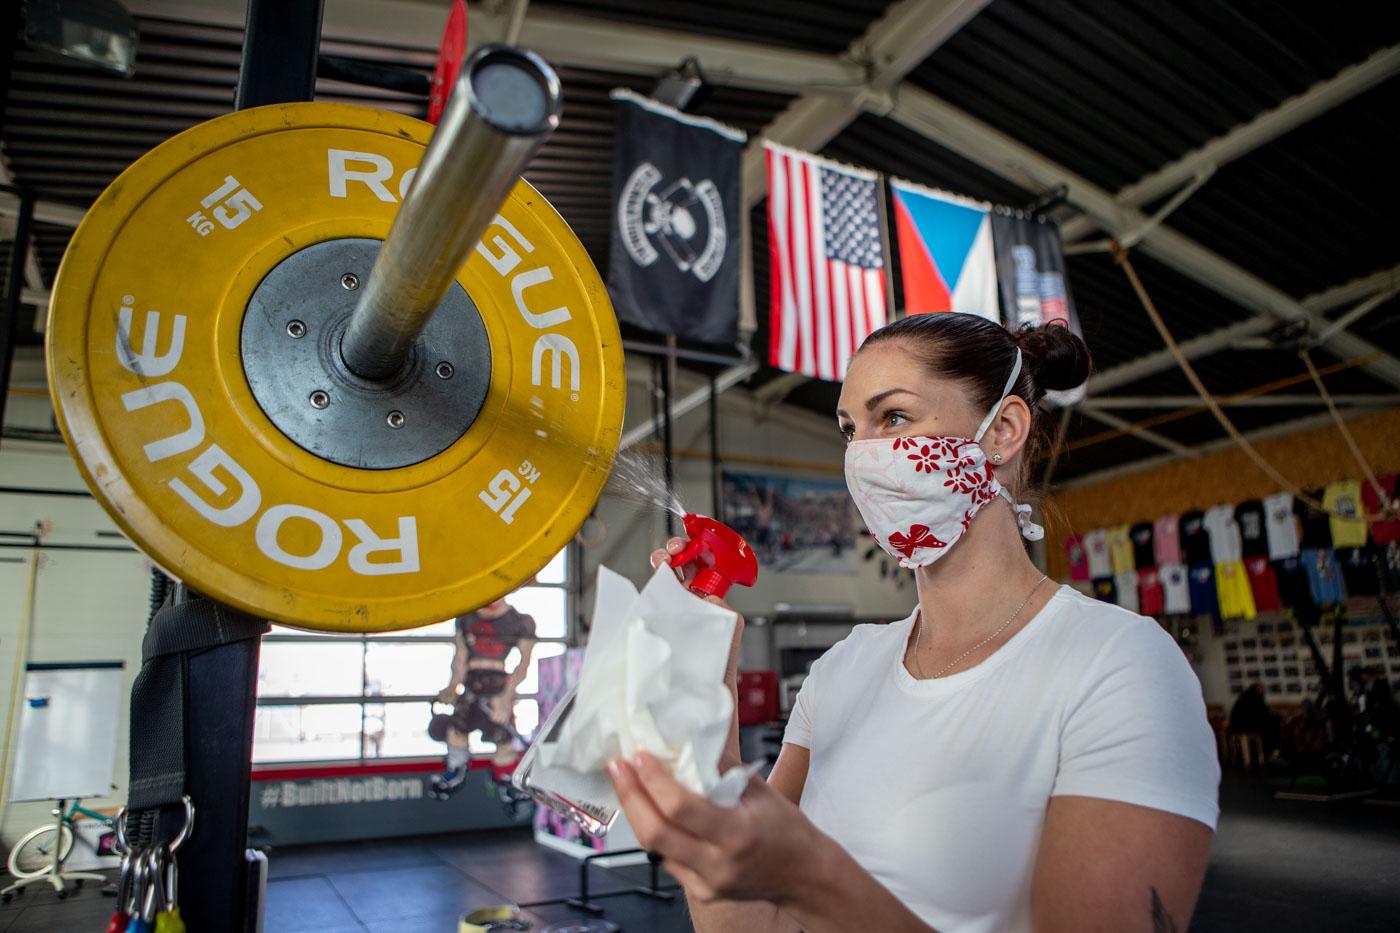 Ostravské fitness centrum Colliery CrossFit se dnes 25. dubna 2020 připravuje na obnovení provozu. Zaměstnanci dezinfikují zařízení fitness centra. Foto: © Vladimír Pryček/ČTK